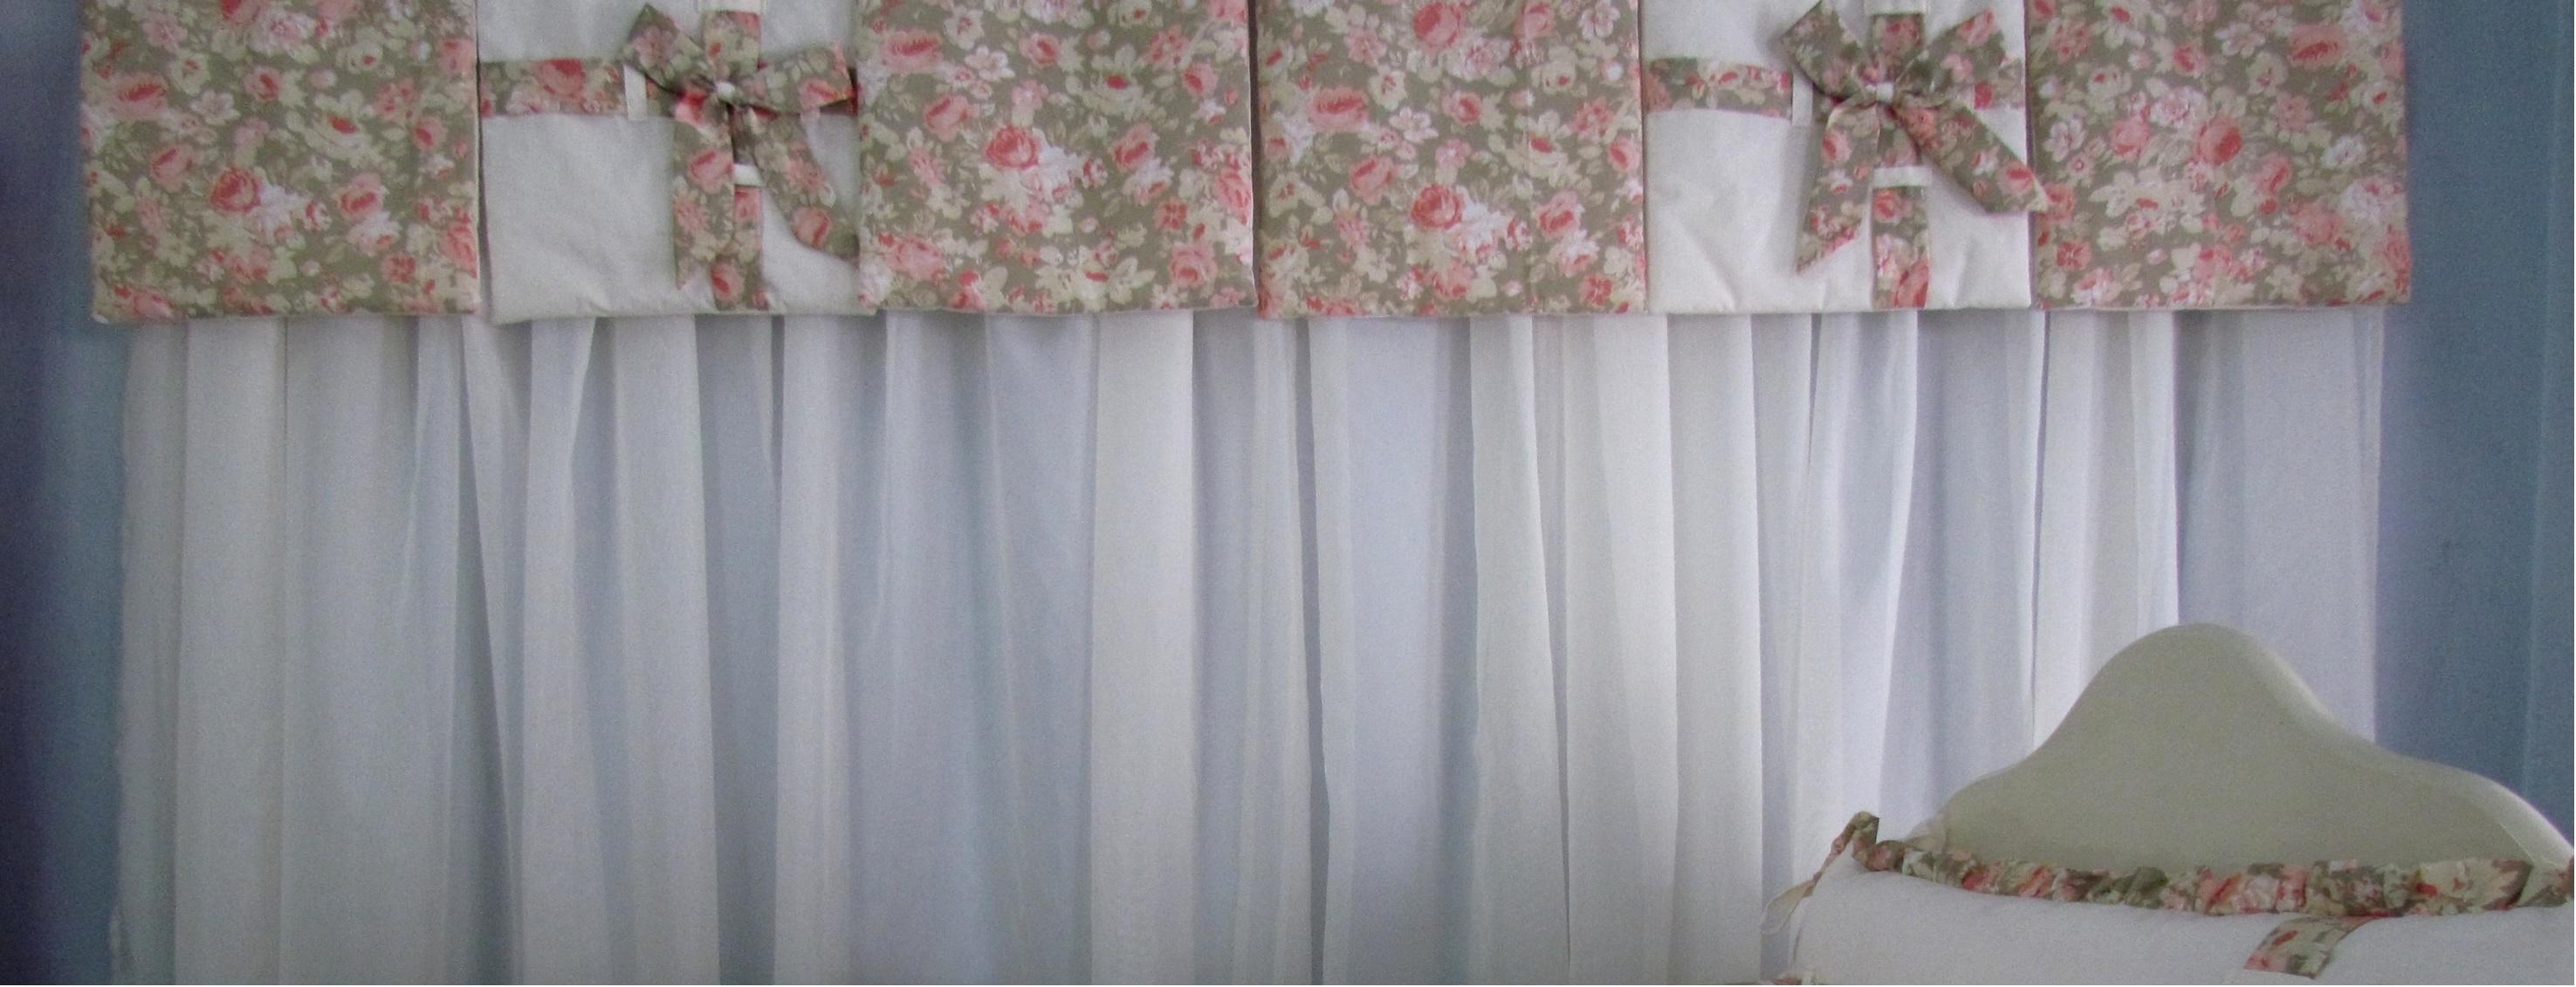 Cortina para janela do quarto obtenha uma - Cortinas de casa ...